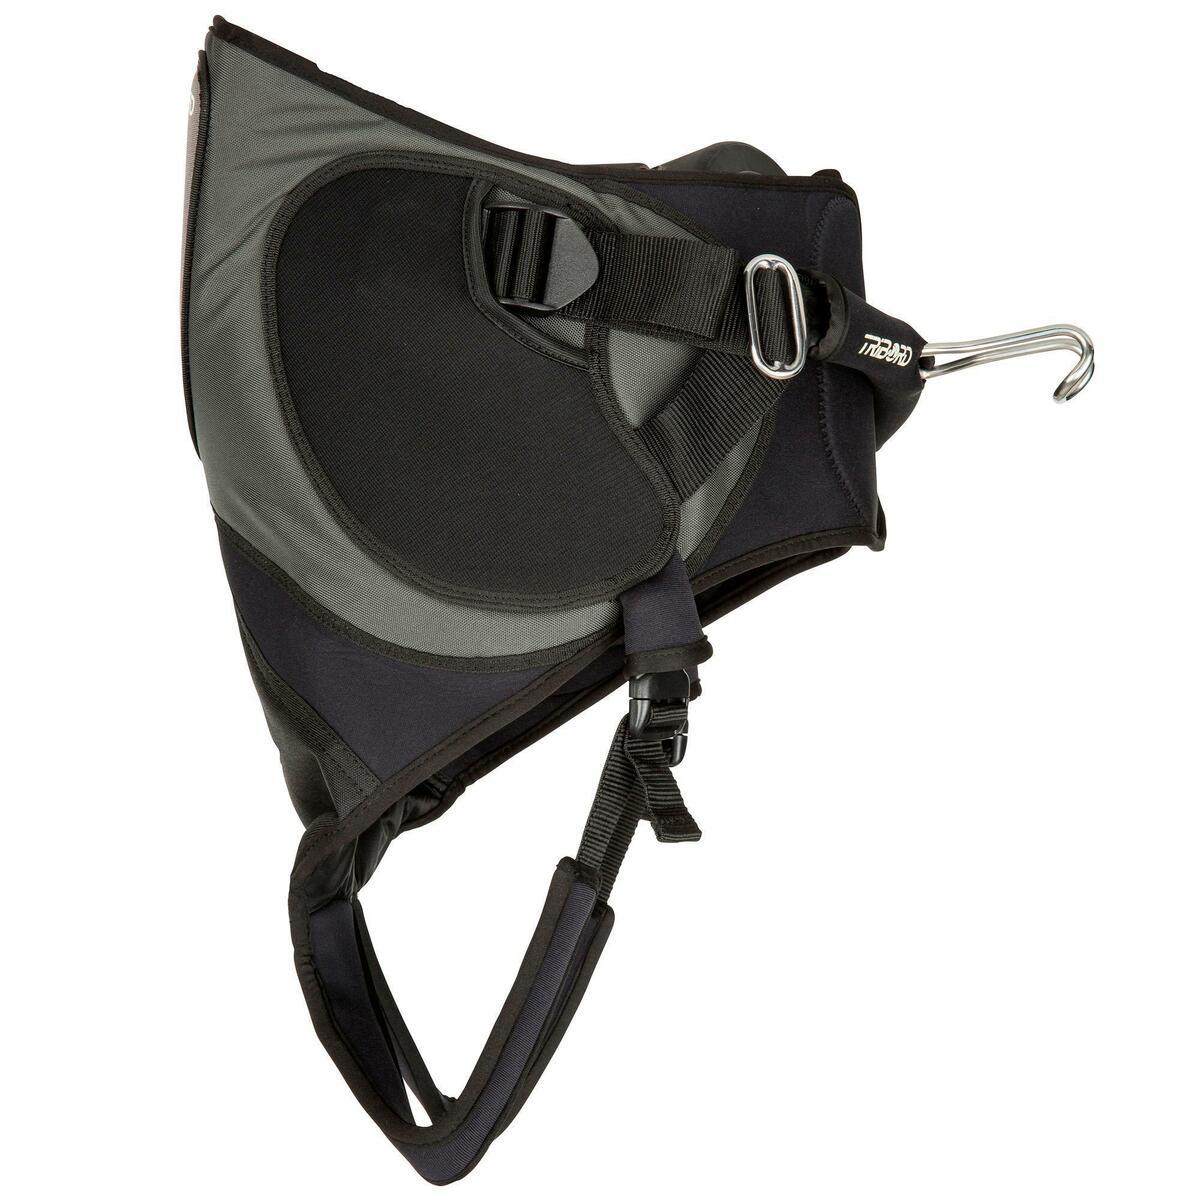 Bild 3 von Sitzgurt Windsurfen schwarz